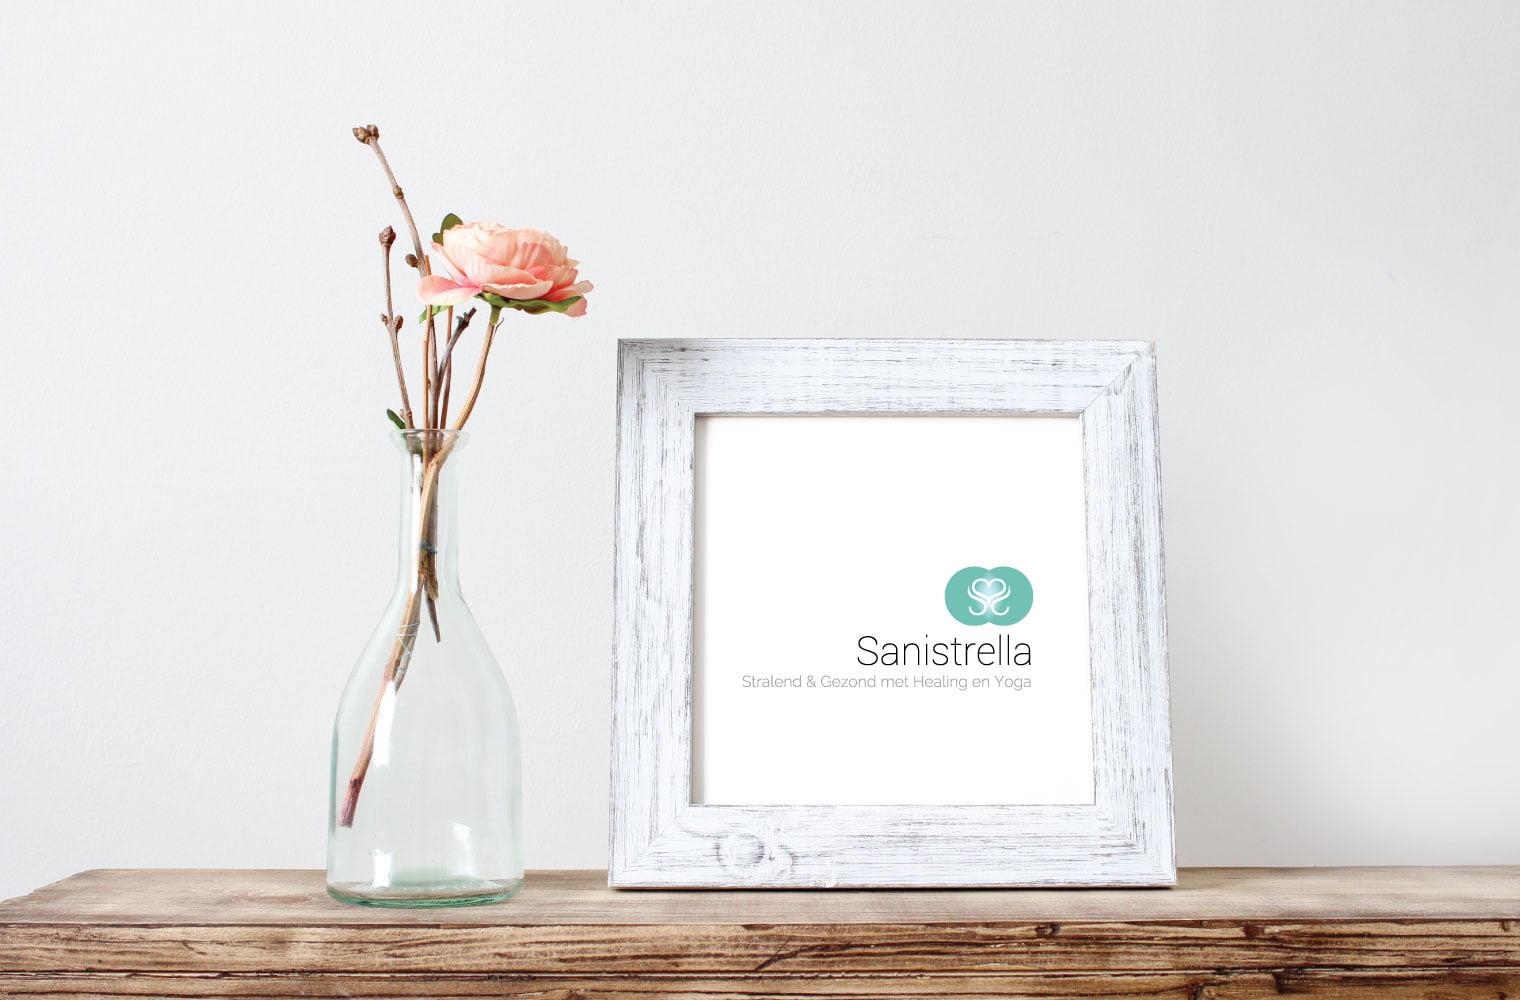 Logo Sanistrella in lijstje